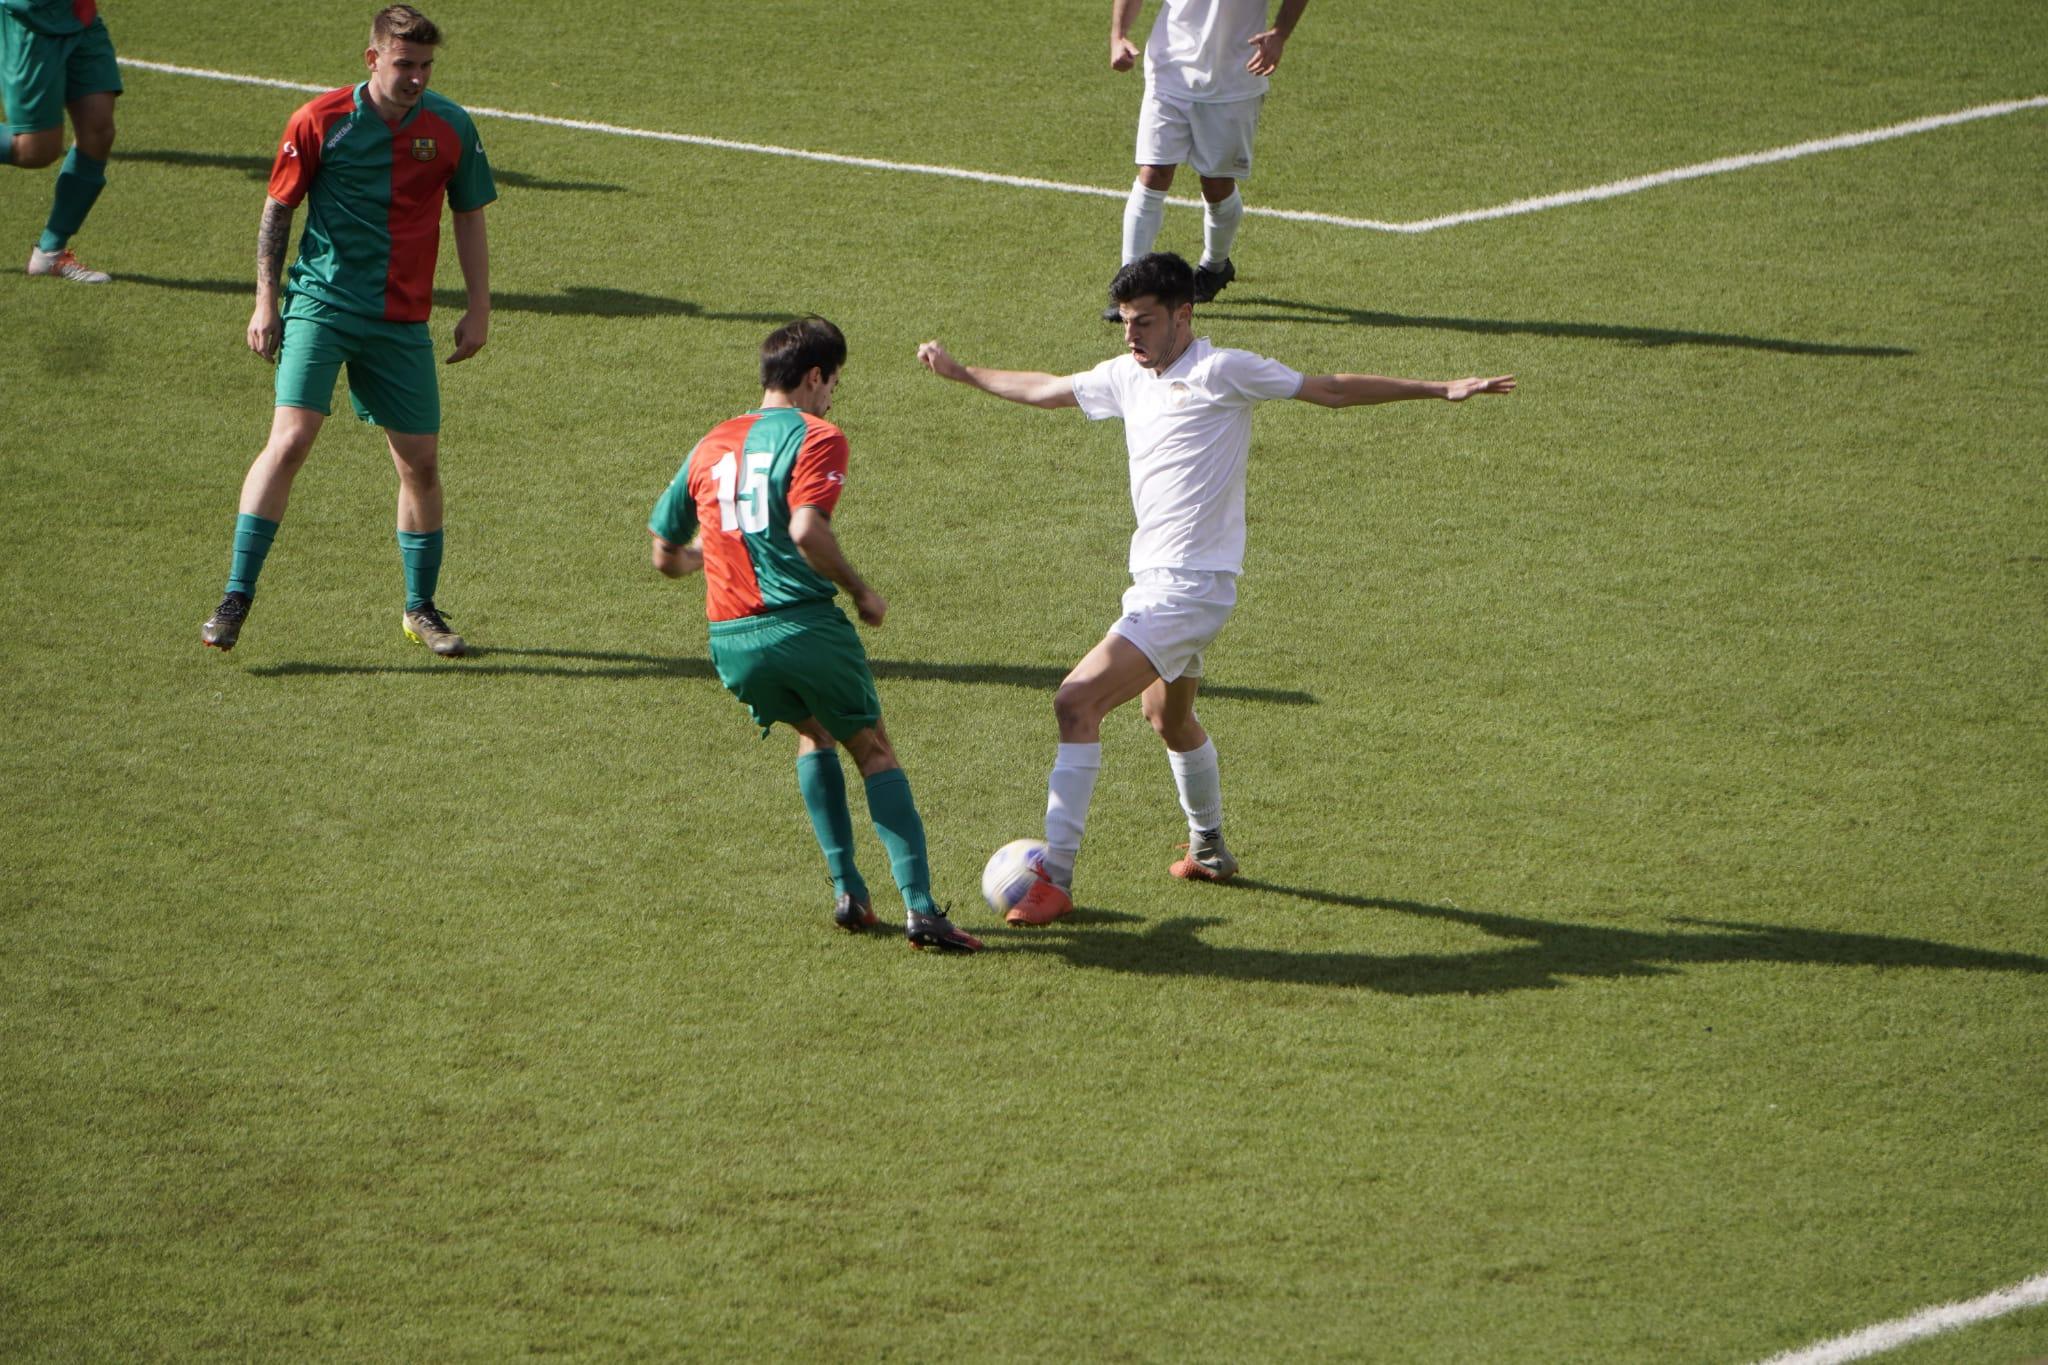 ECCELLENZA Girone C 4° Giornata: SPERANZA AGRATE vs LEON 2-2